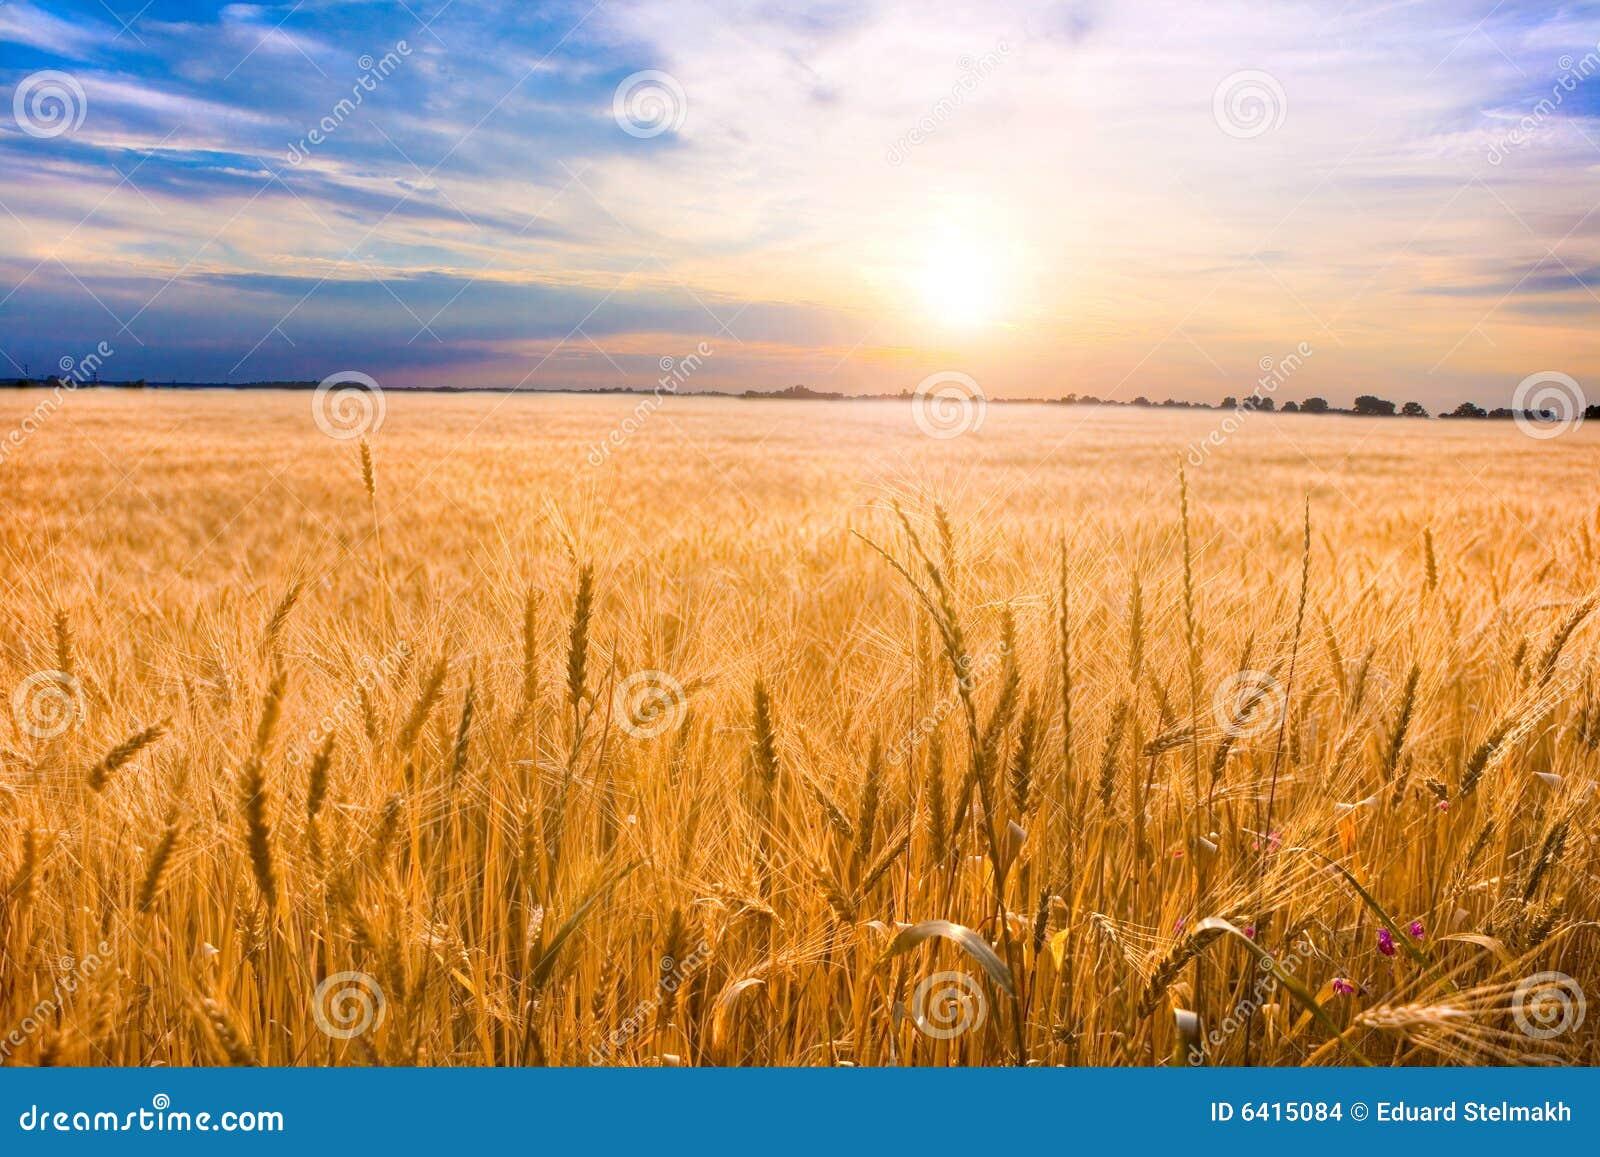 Goldener Weizen betriebsbereit zur Ernte, die in einem Bauernhof wächst